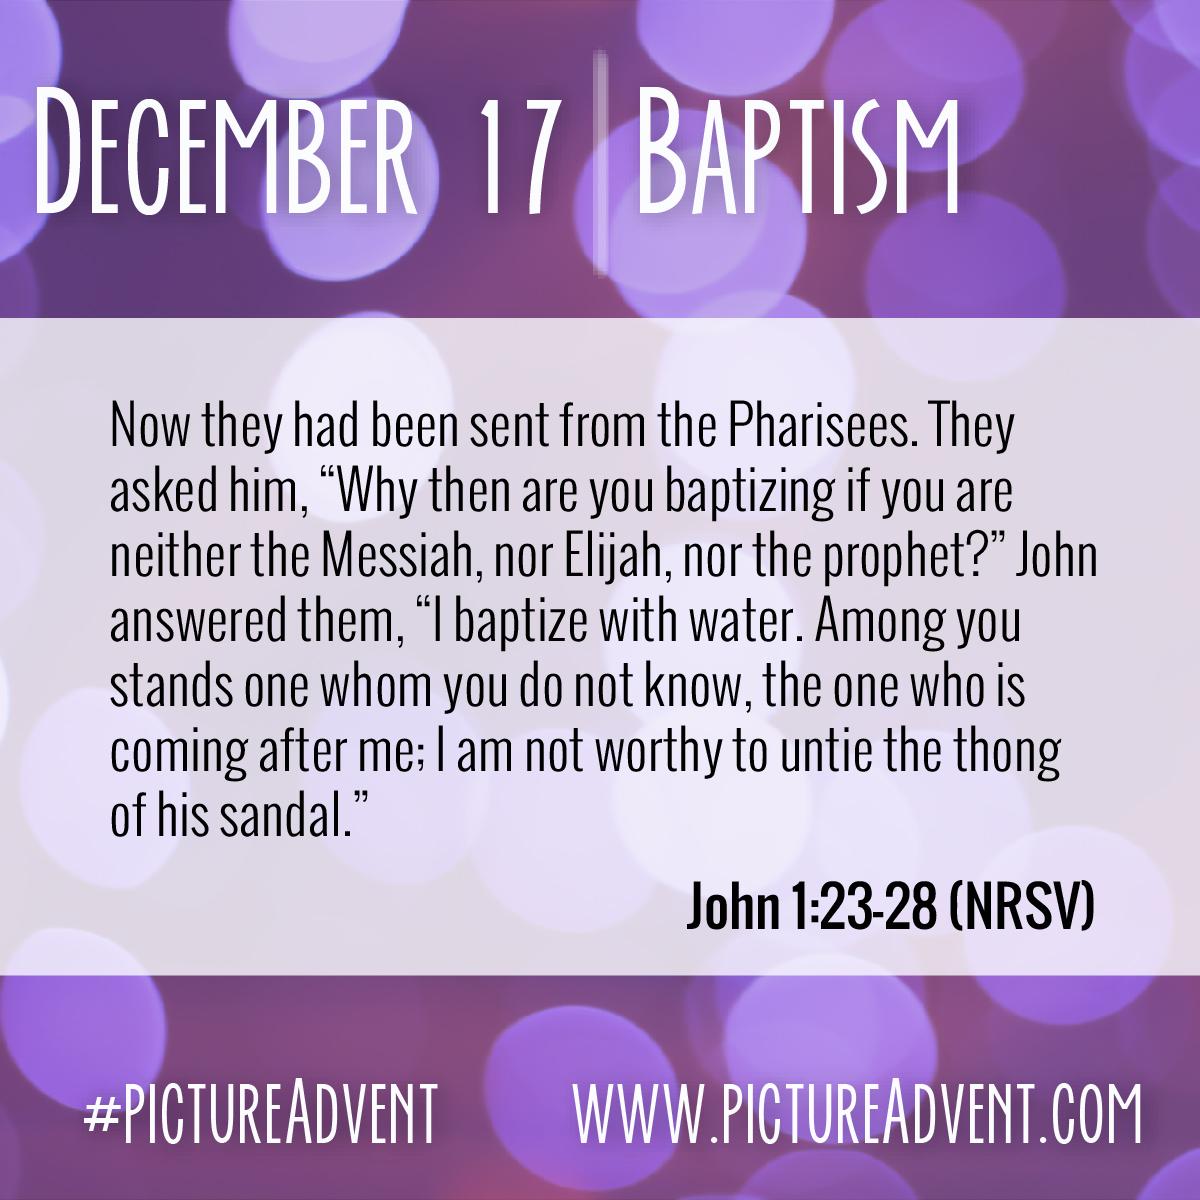 15 Dec 17 Baptism-01.jpg